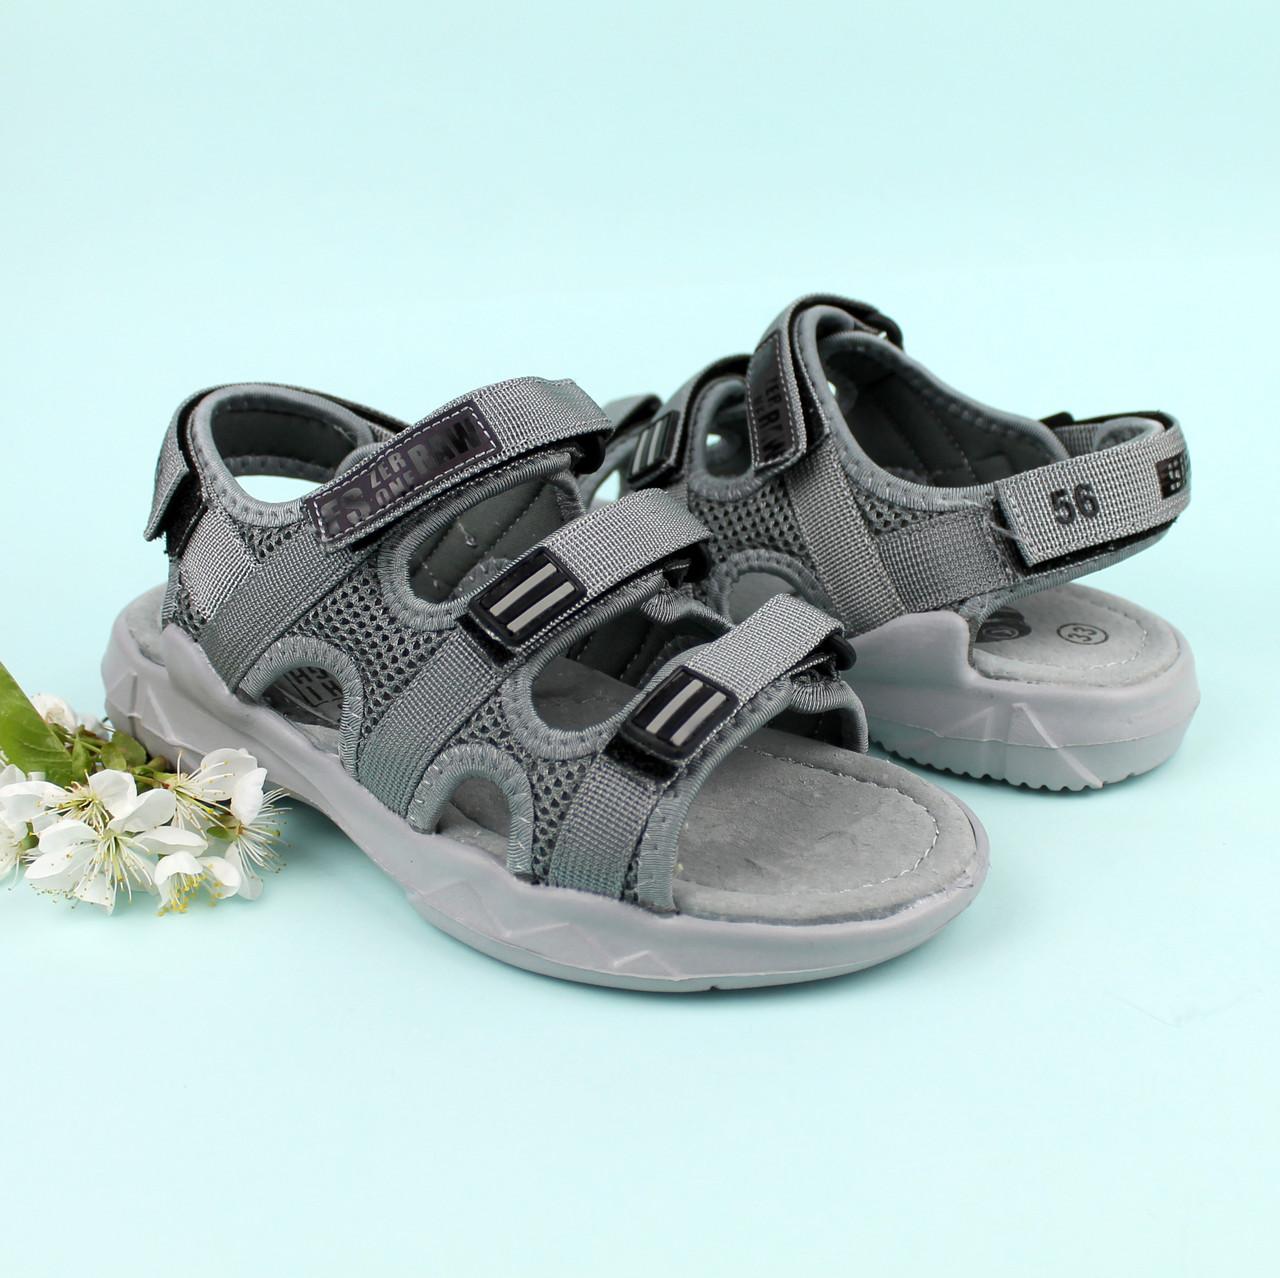 Спортивные сандалии на липучках на мальчика бренд Tomm размер 34,36